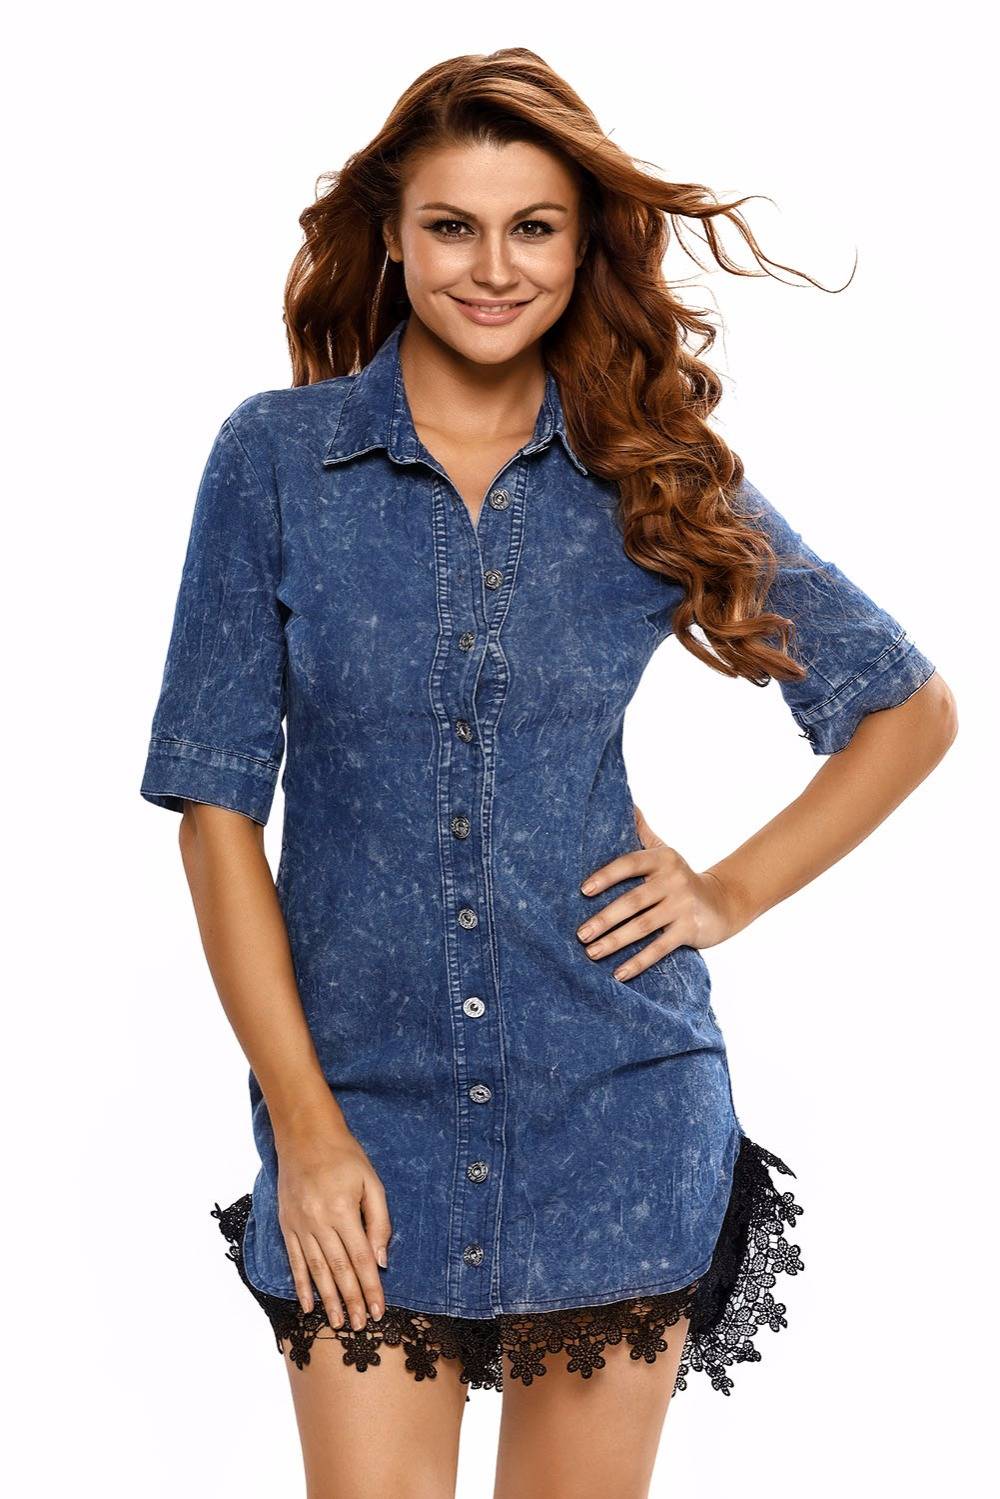 джинсовое платье с кружевом своими руками фото включает